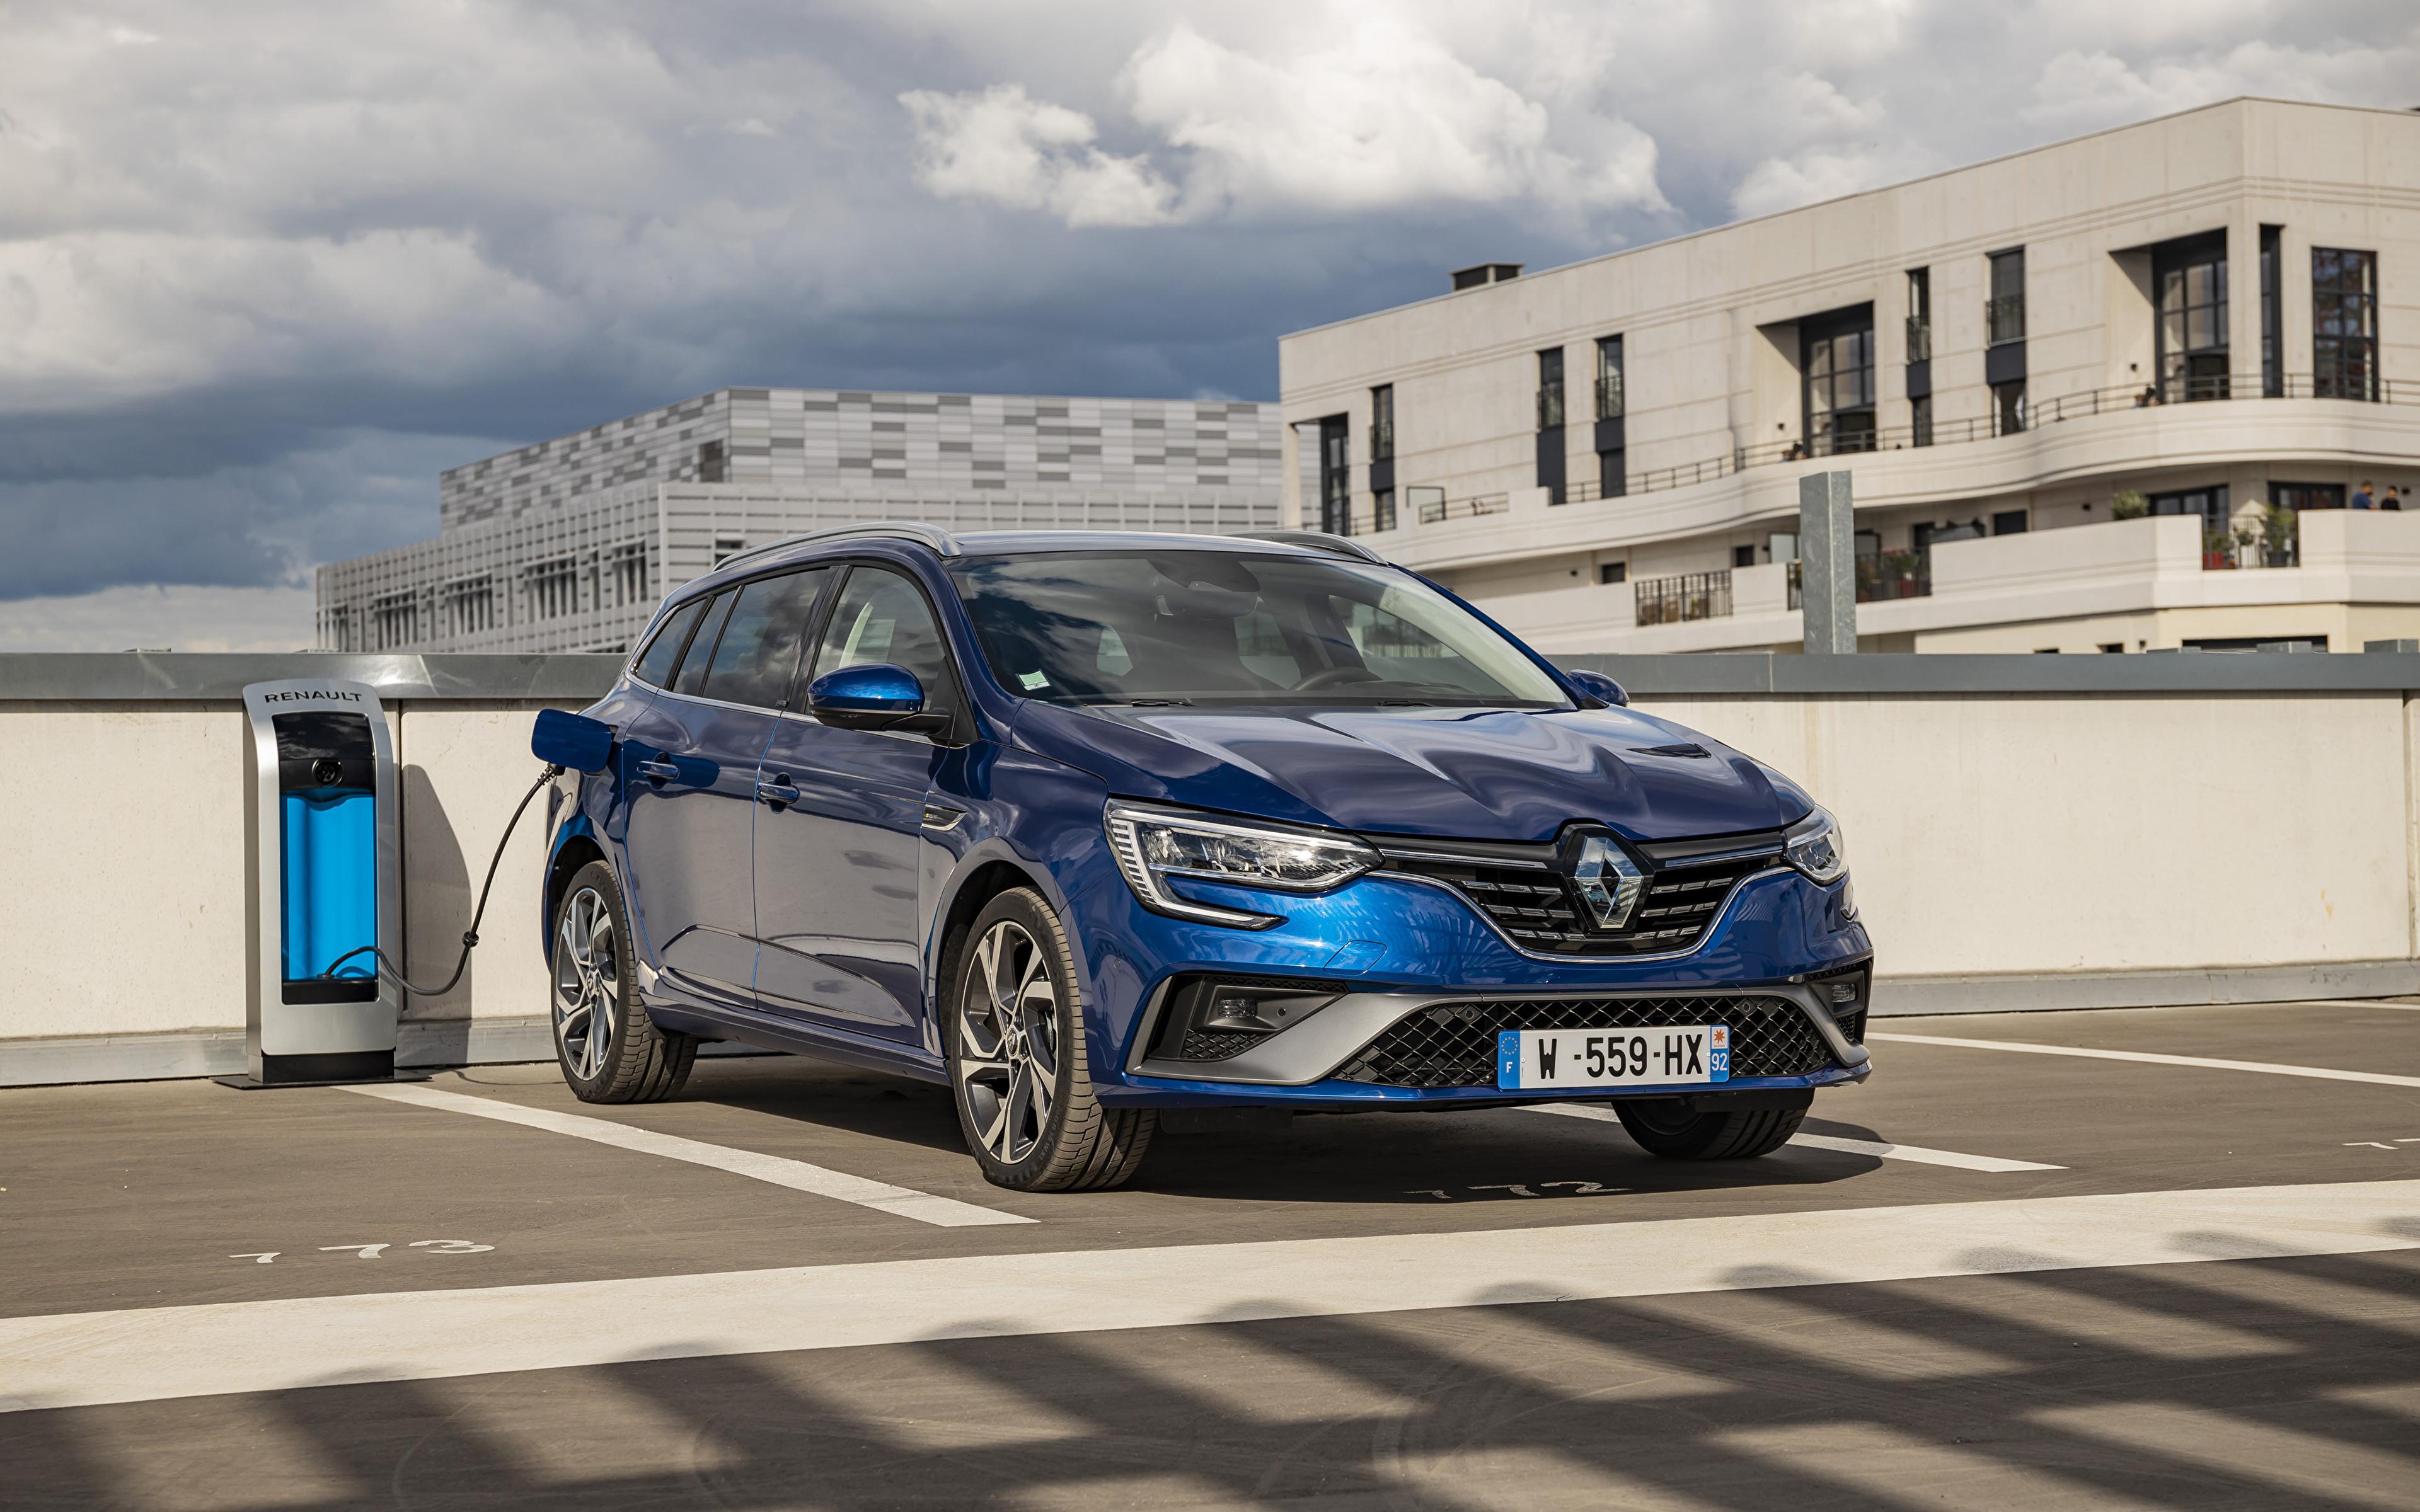 Bilder von Renault Parkplatz Hybrid Autos Blau Autos Metallisch 3840x2400 parken geparktes auto automobil